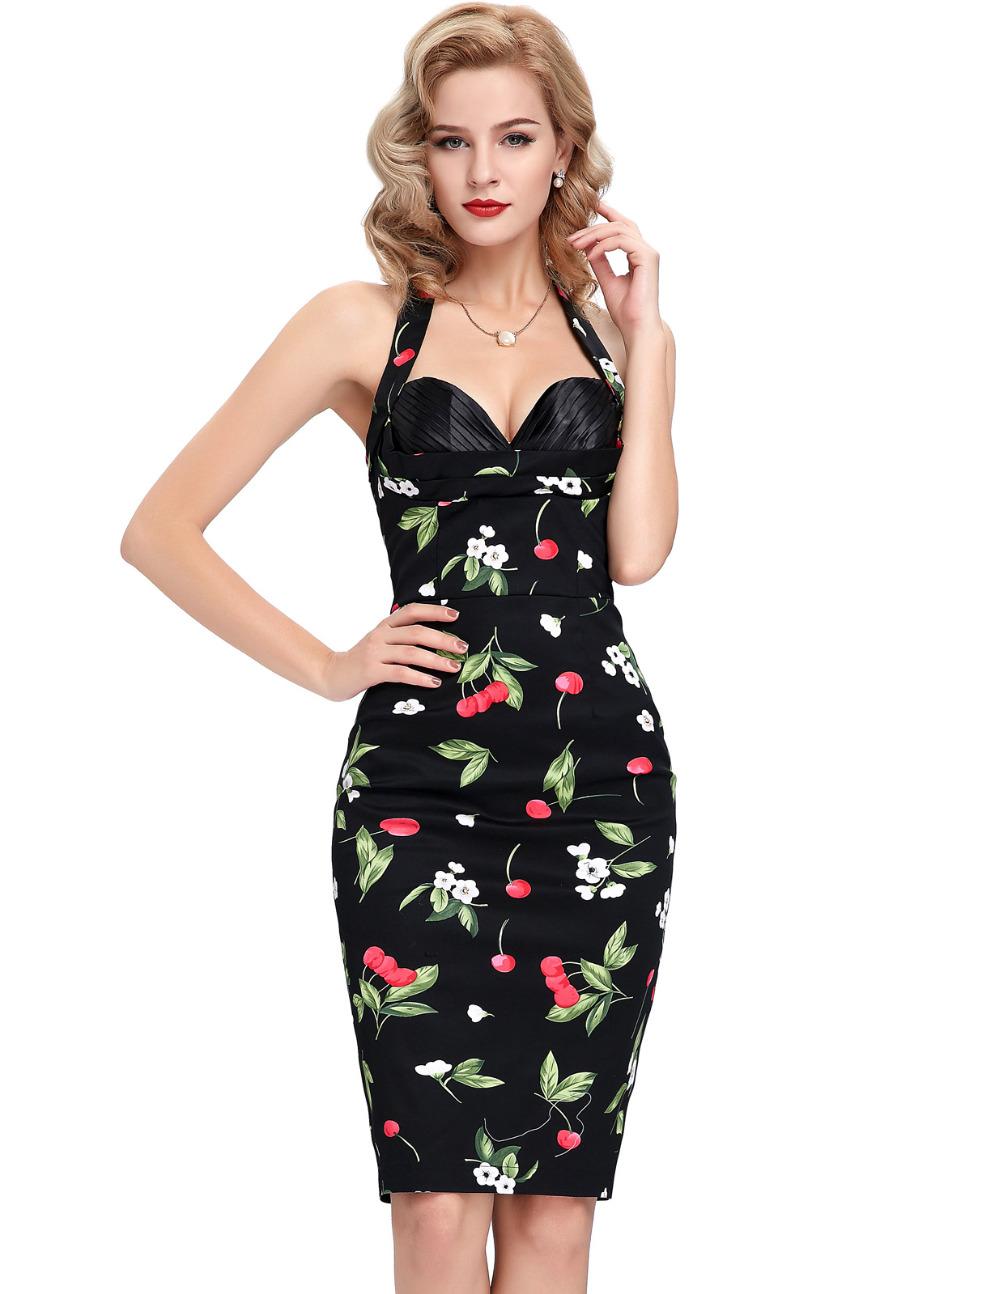 Aliexpress.com Comprar 12 patrones cortos vestidos noche 2016 Formal Flora lunares Retro Vintage Wedding Party elegantes vestidos vestidos de noche BP21 de